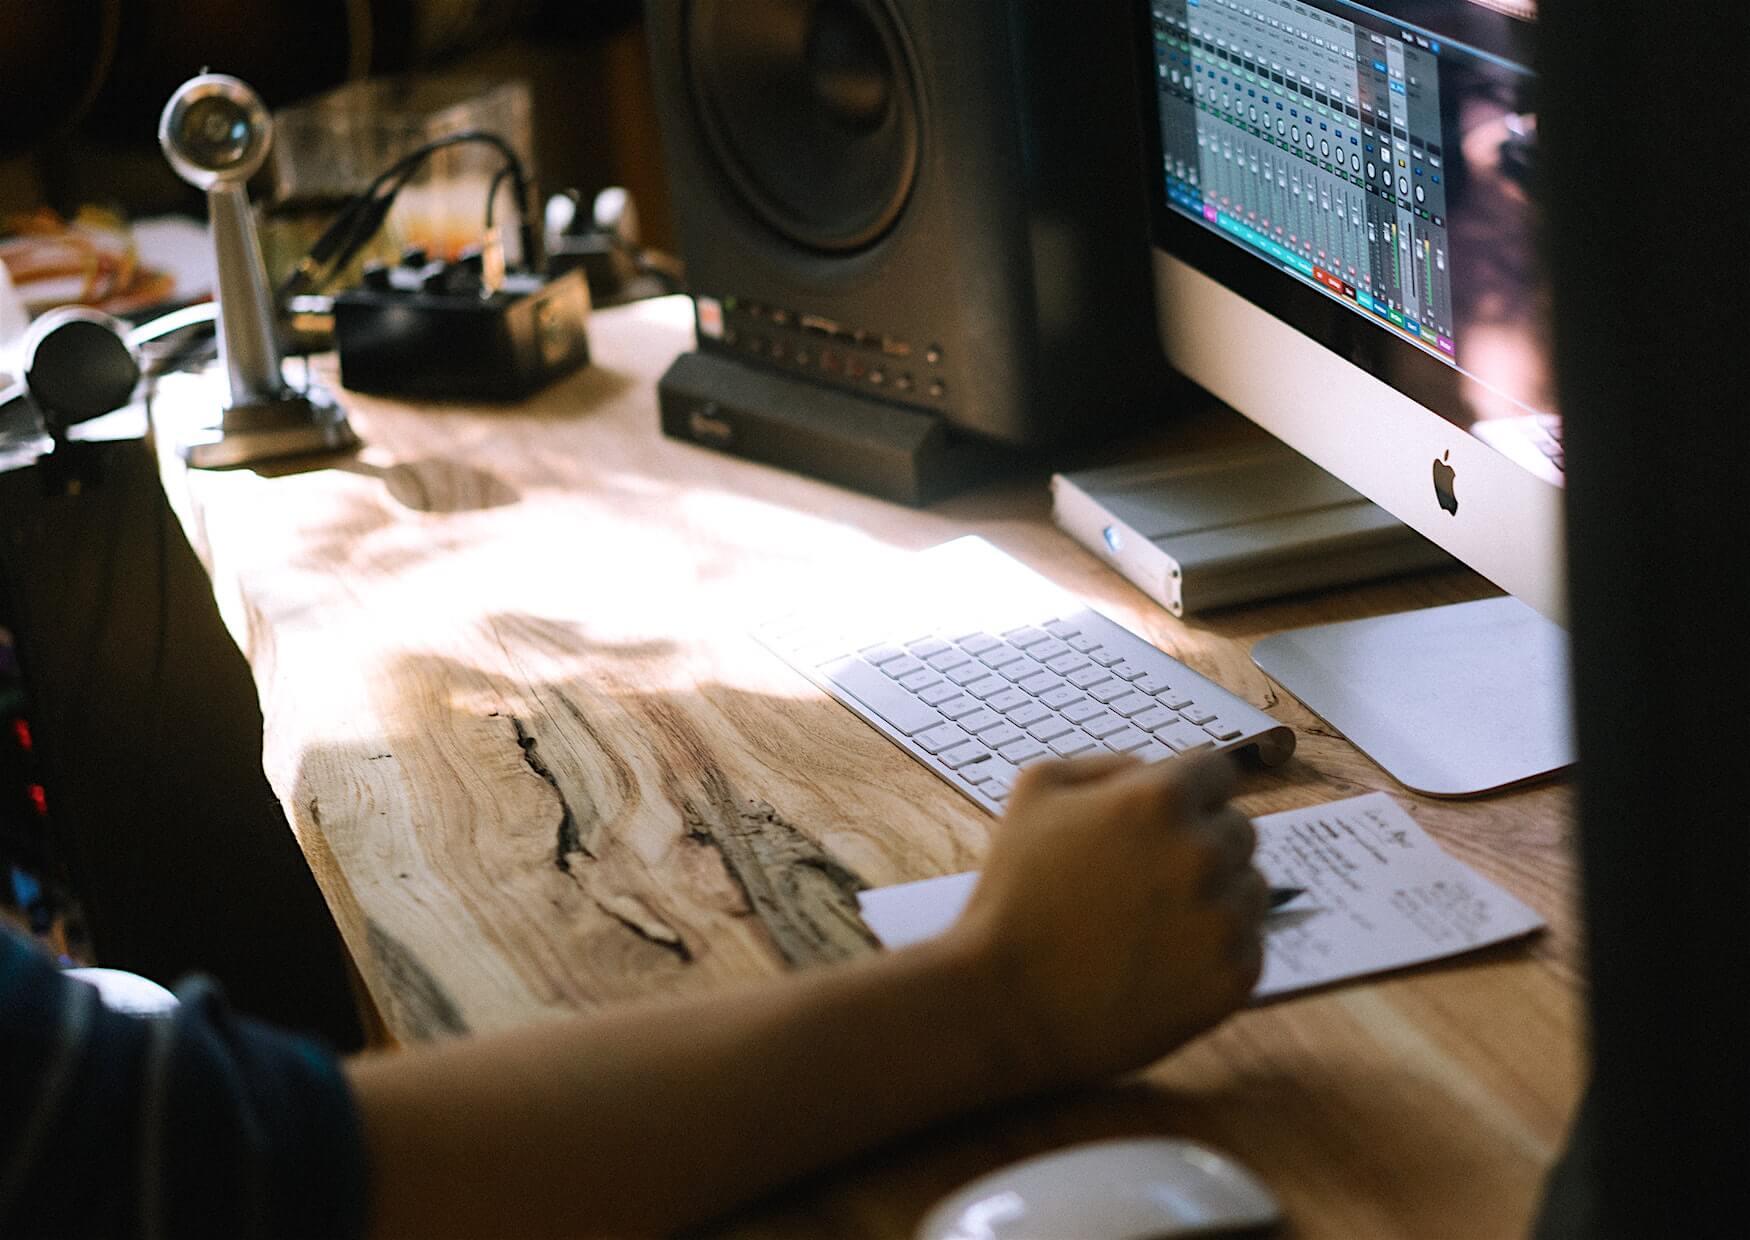 Где взять аудиосемплы для ваших проектов: подборка из восьми тематических ресурсов